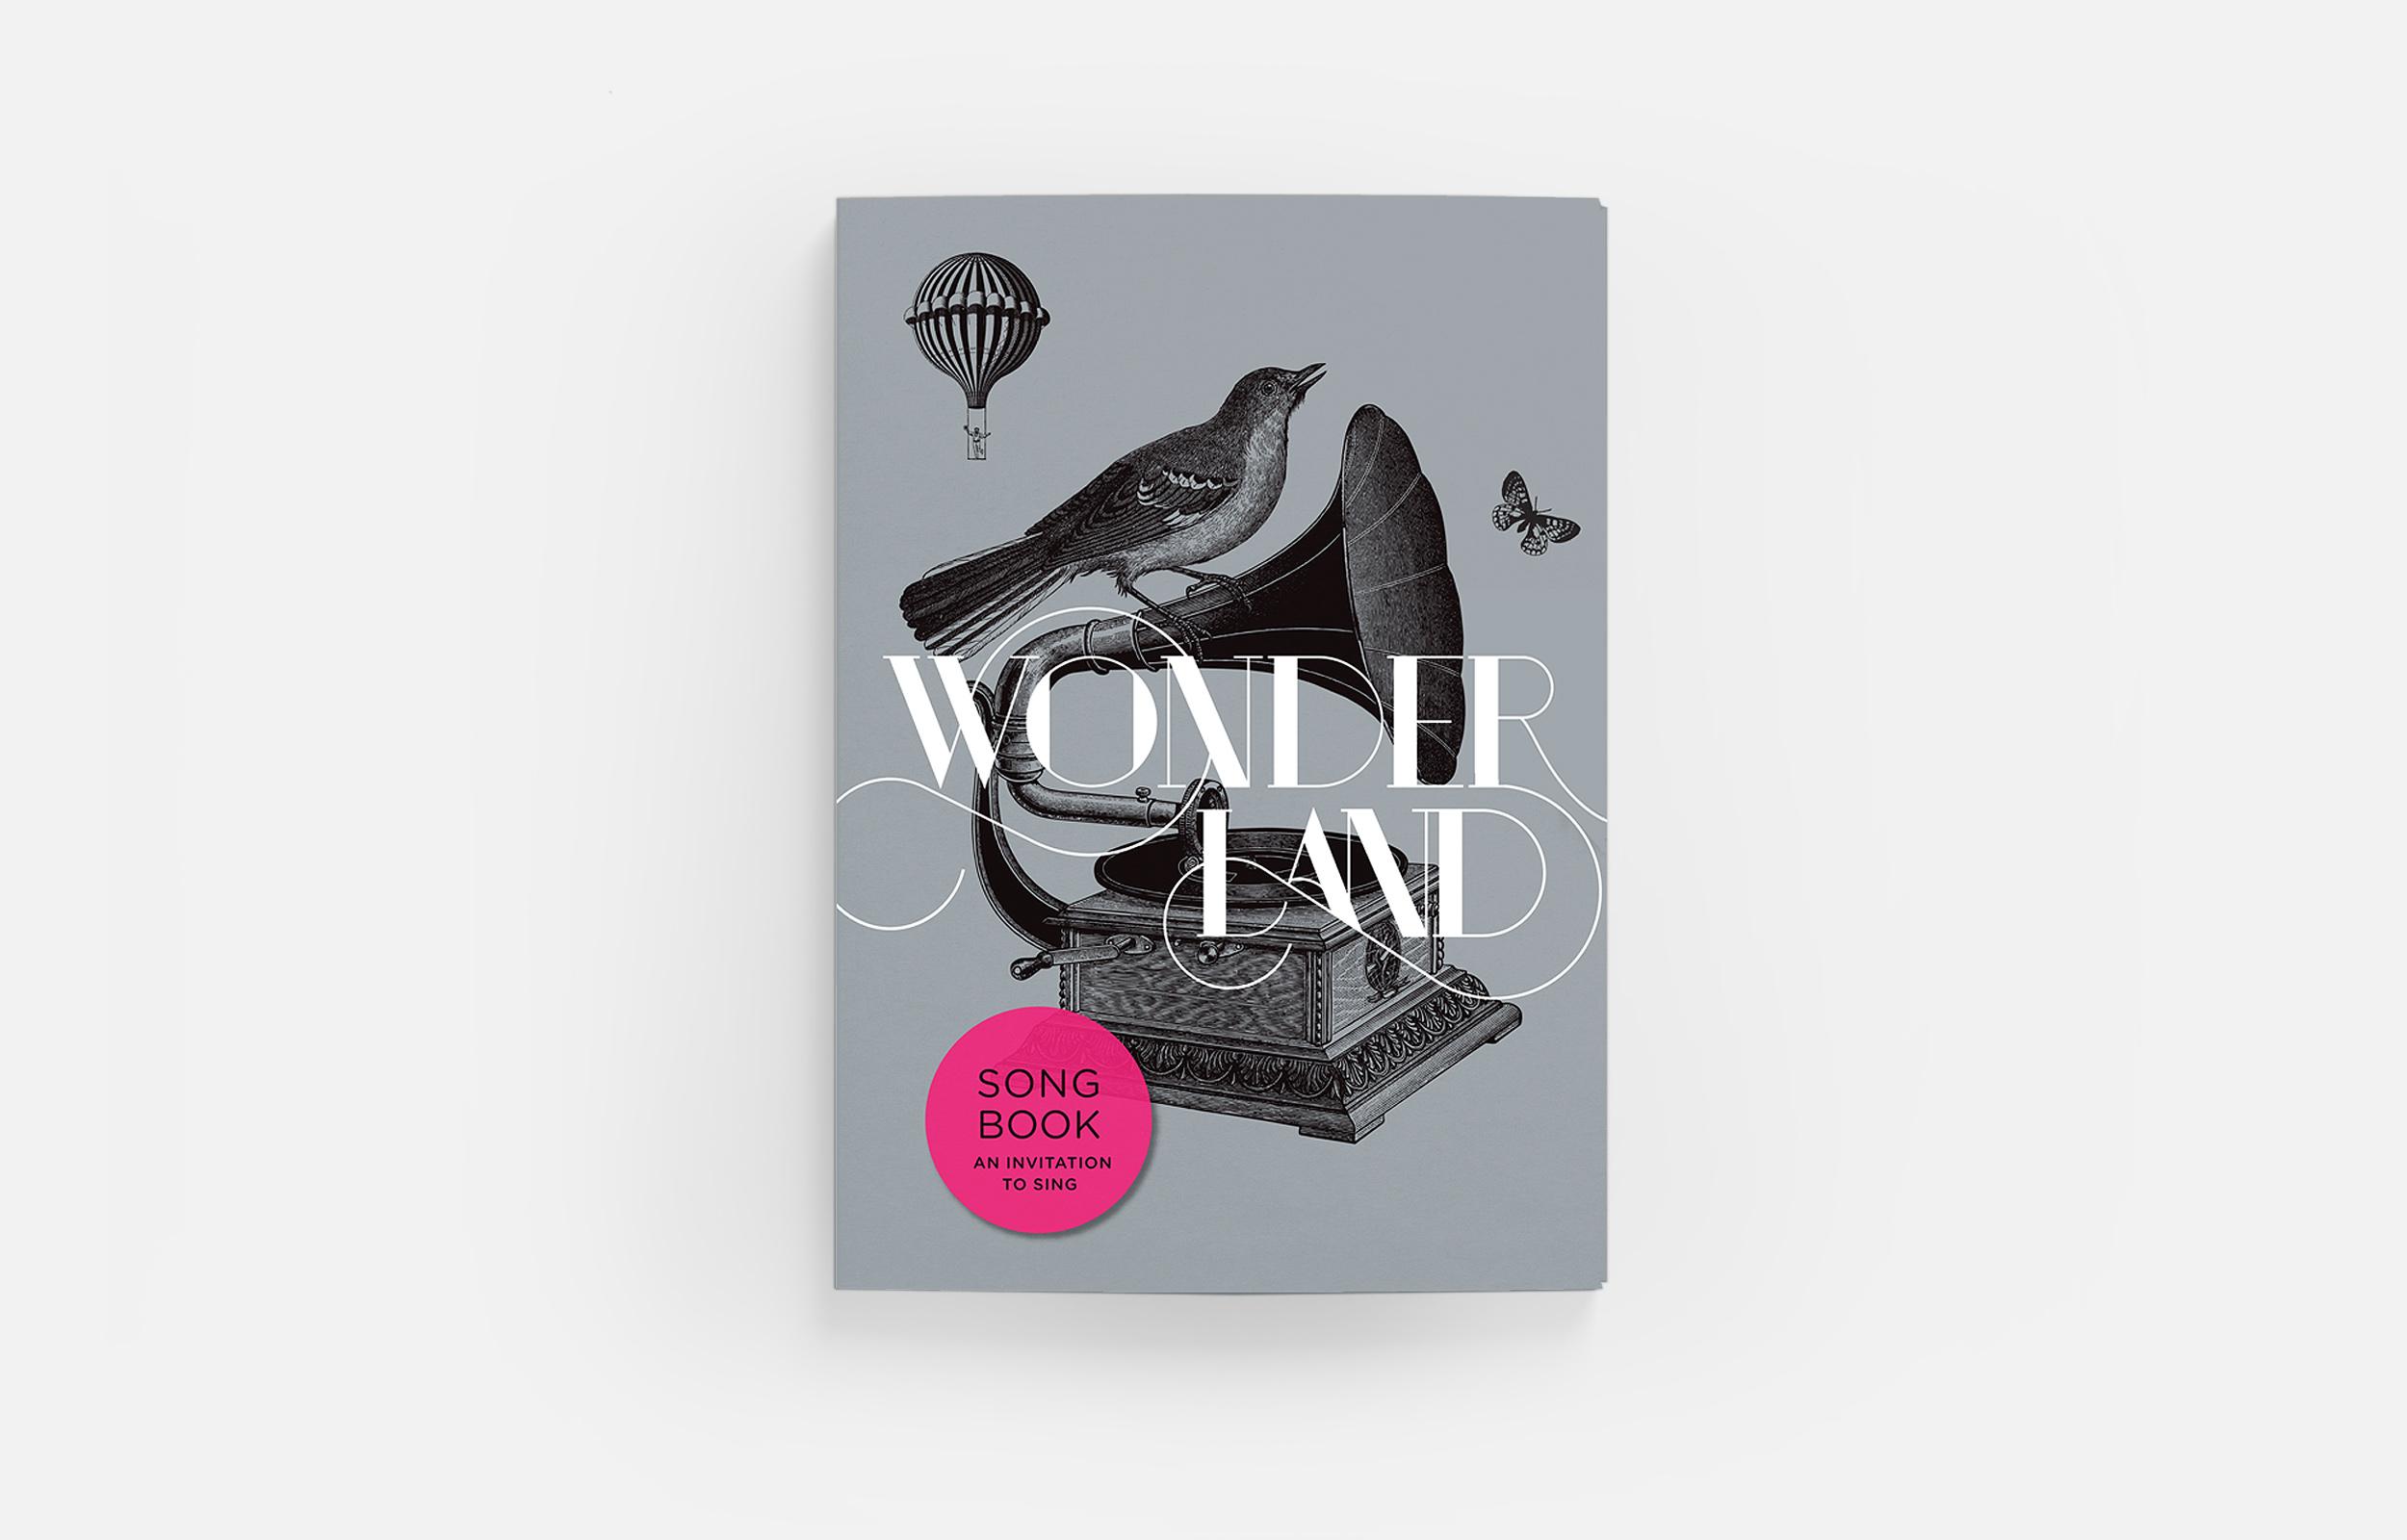 Wonderland-Songbook-COVER2.jpg